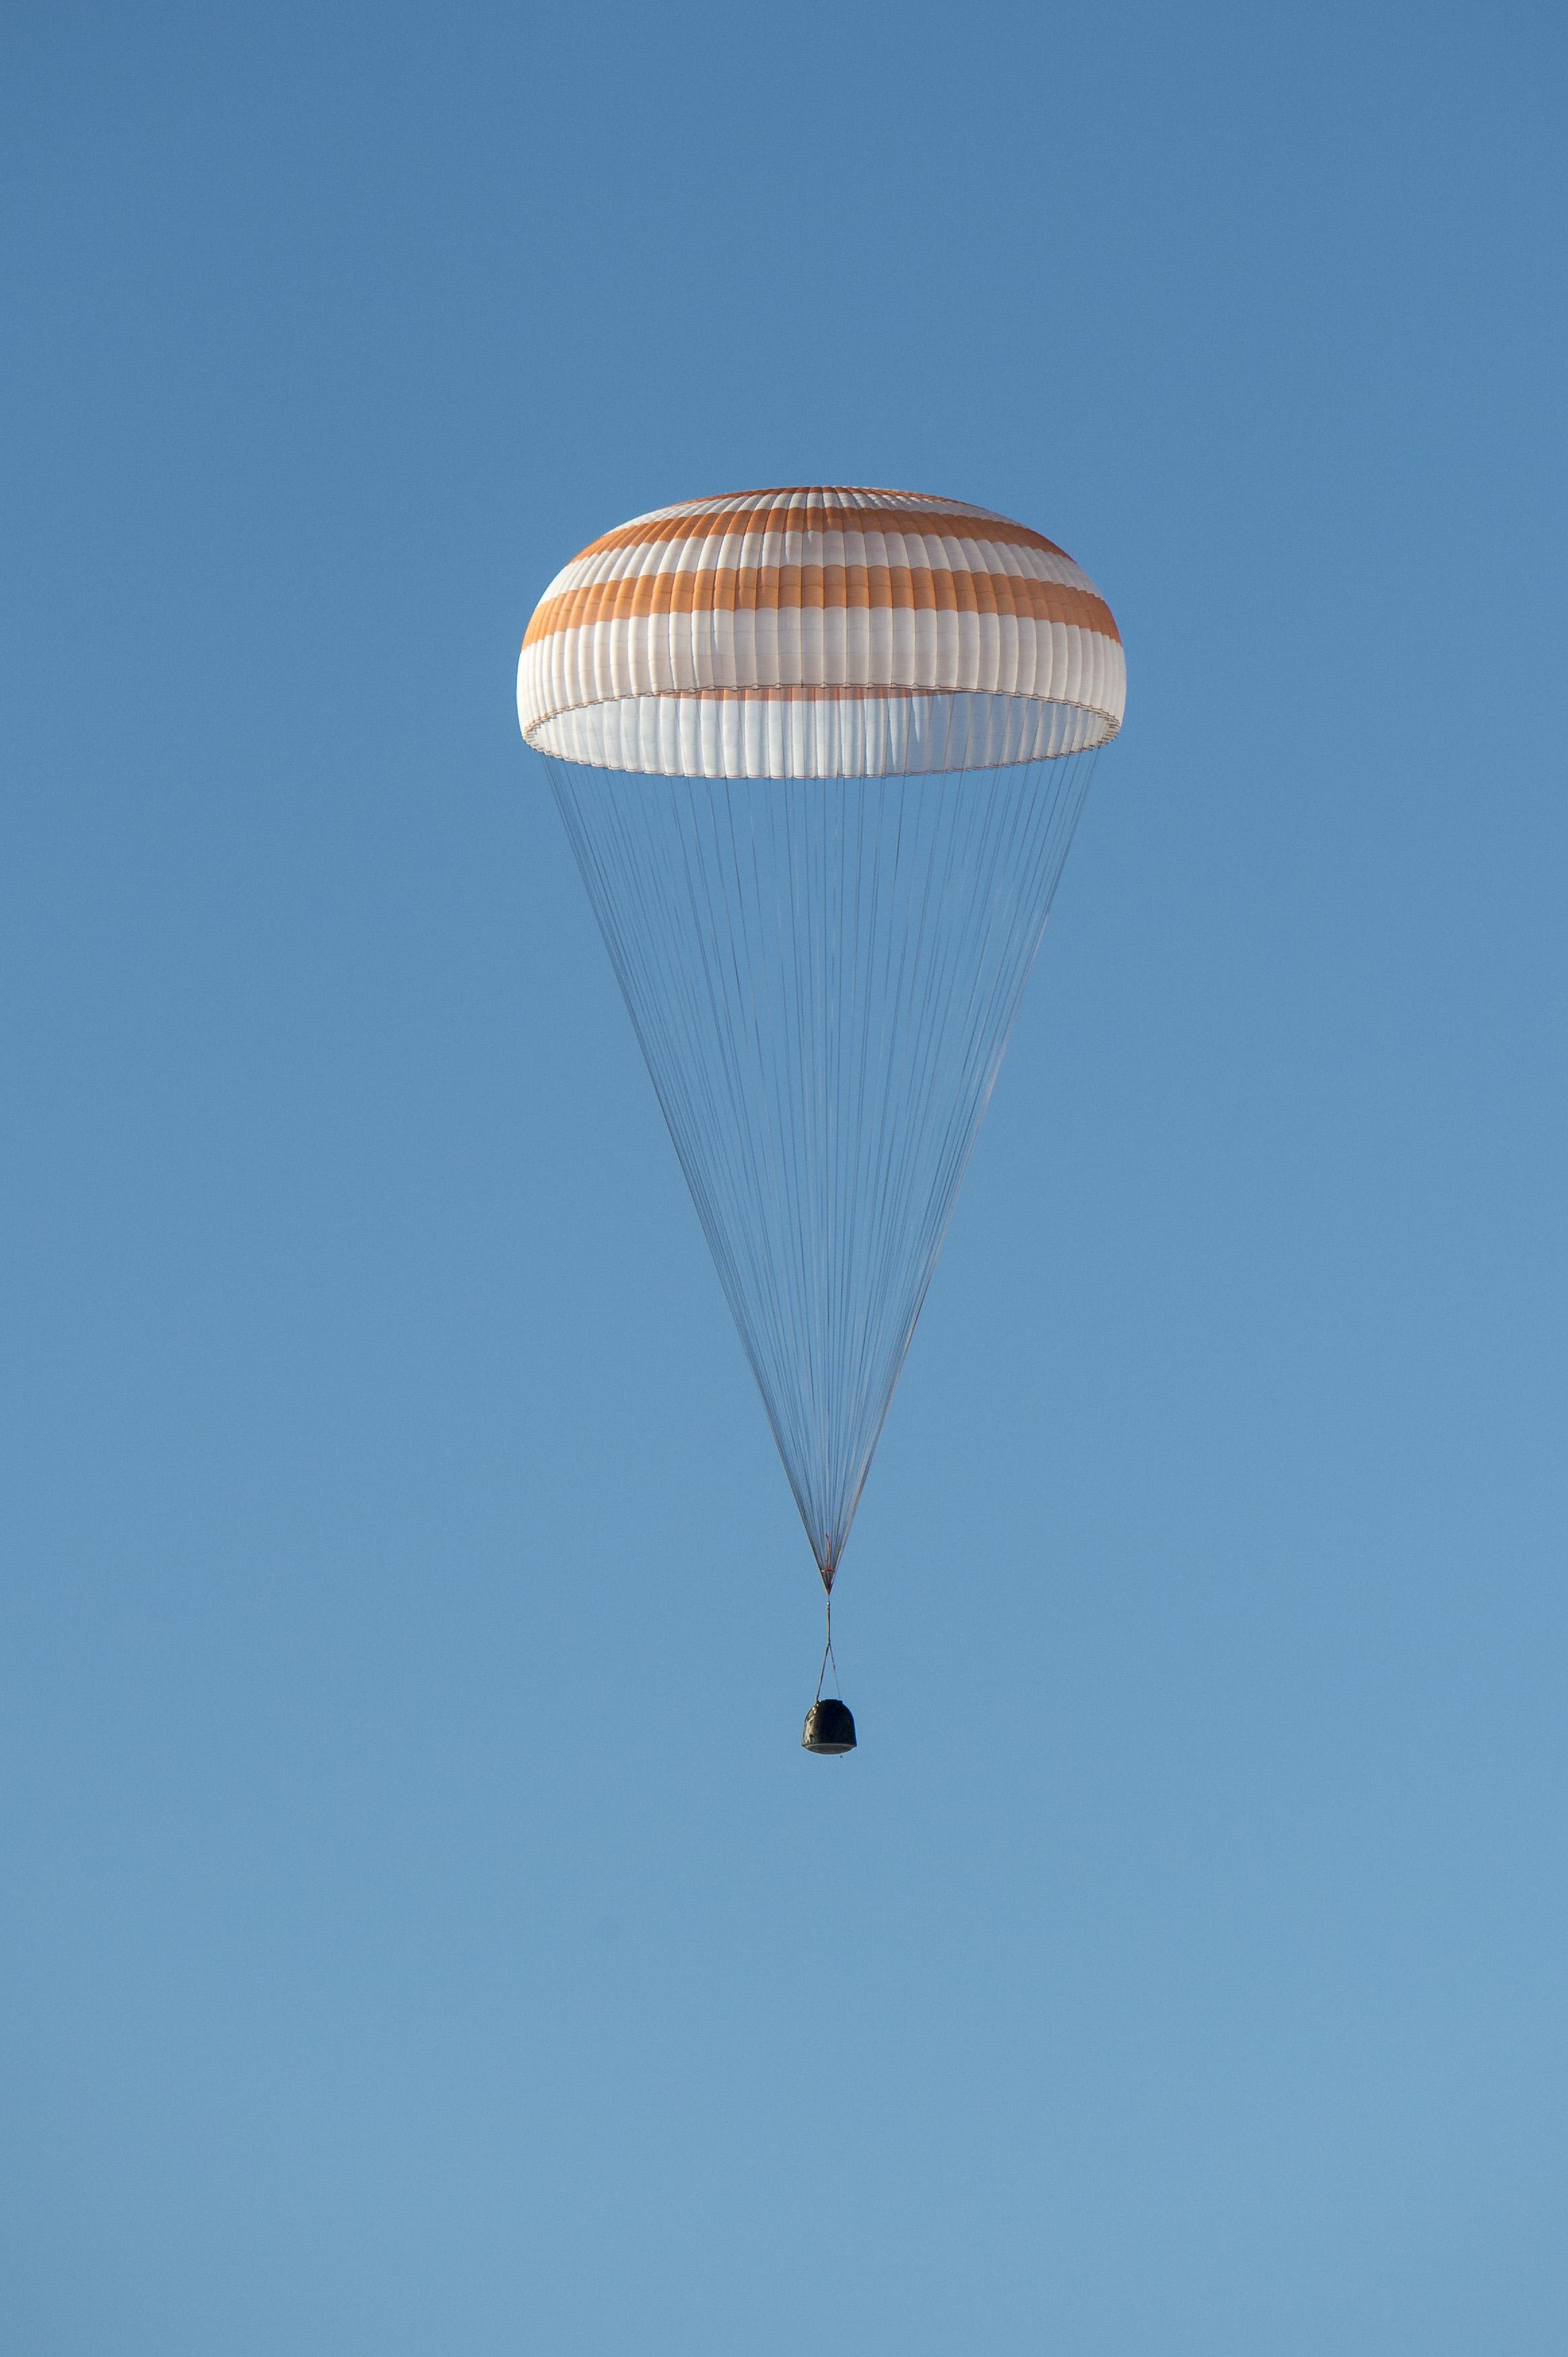 Soyuz TMA-11M Spacecraft Under Parachute